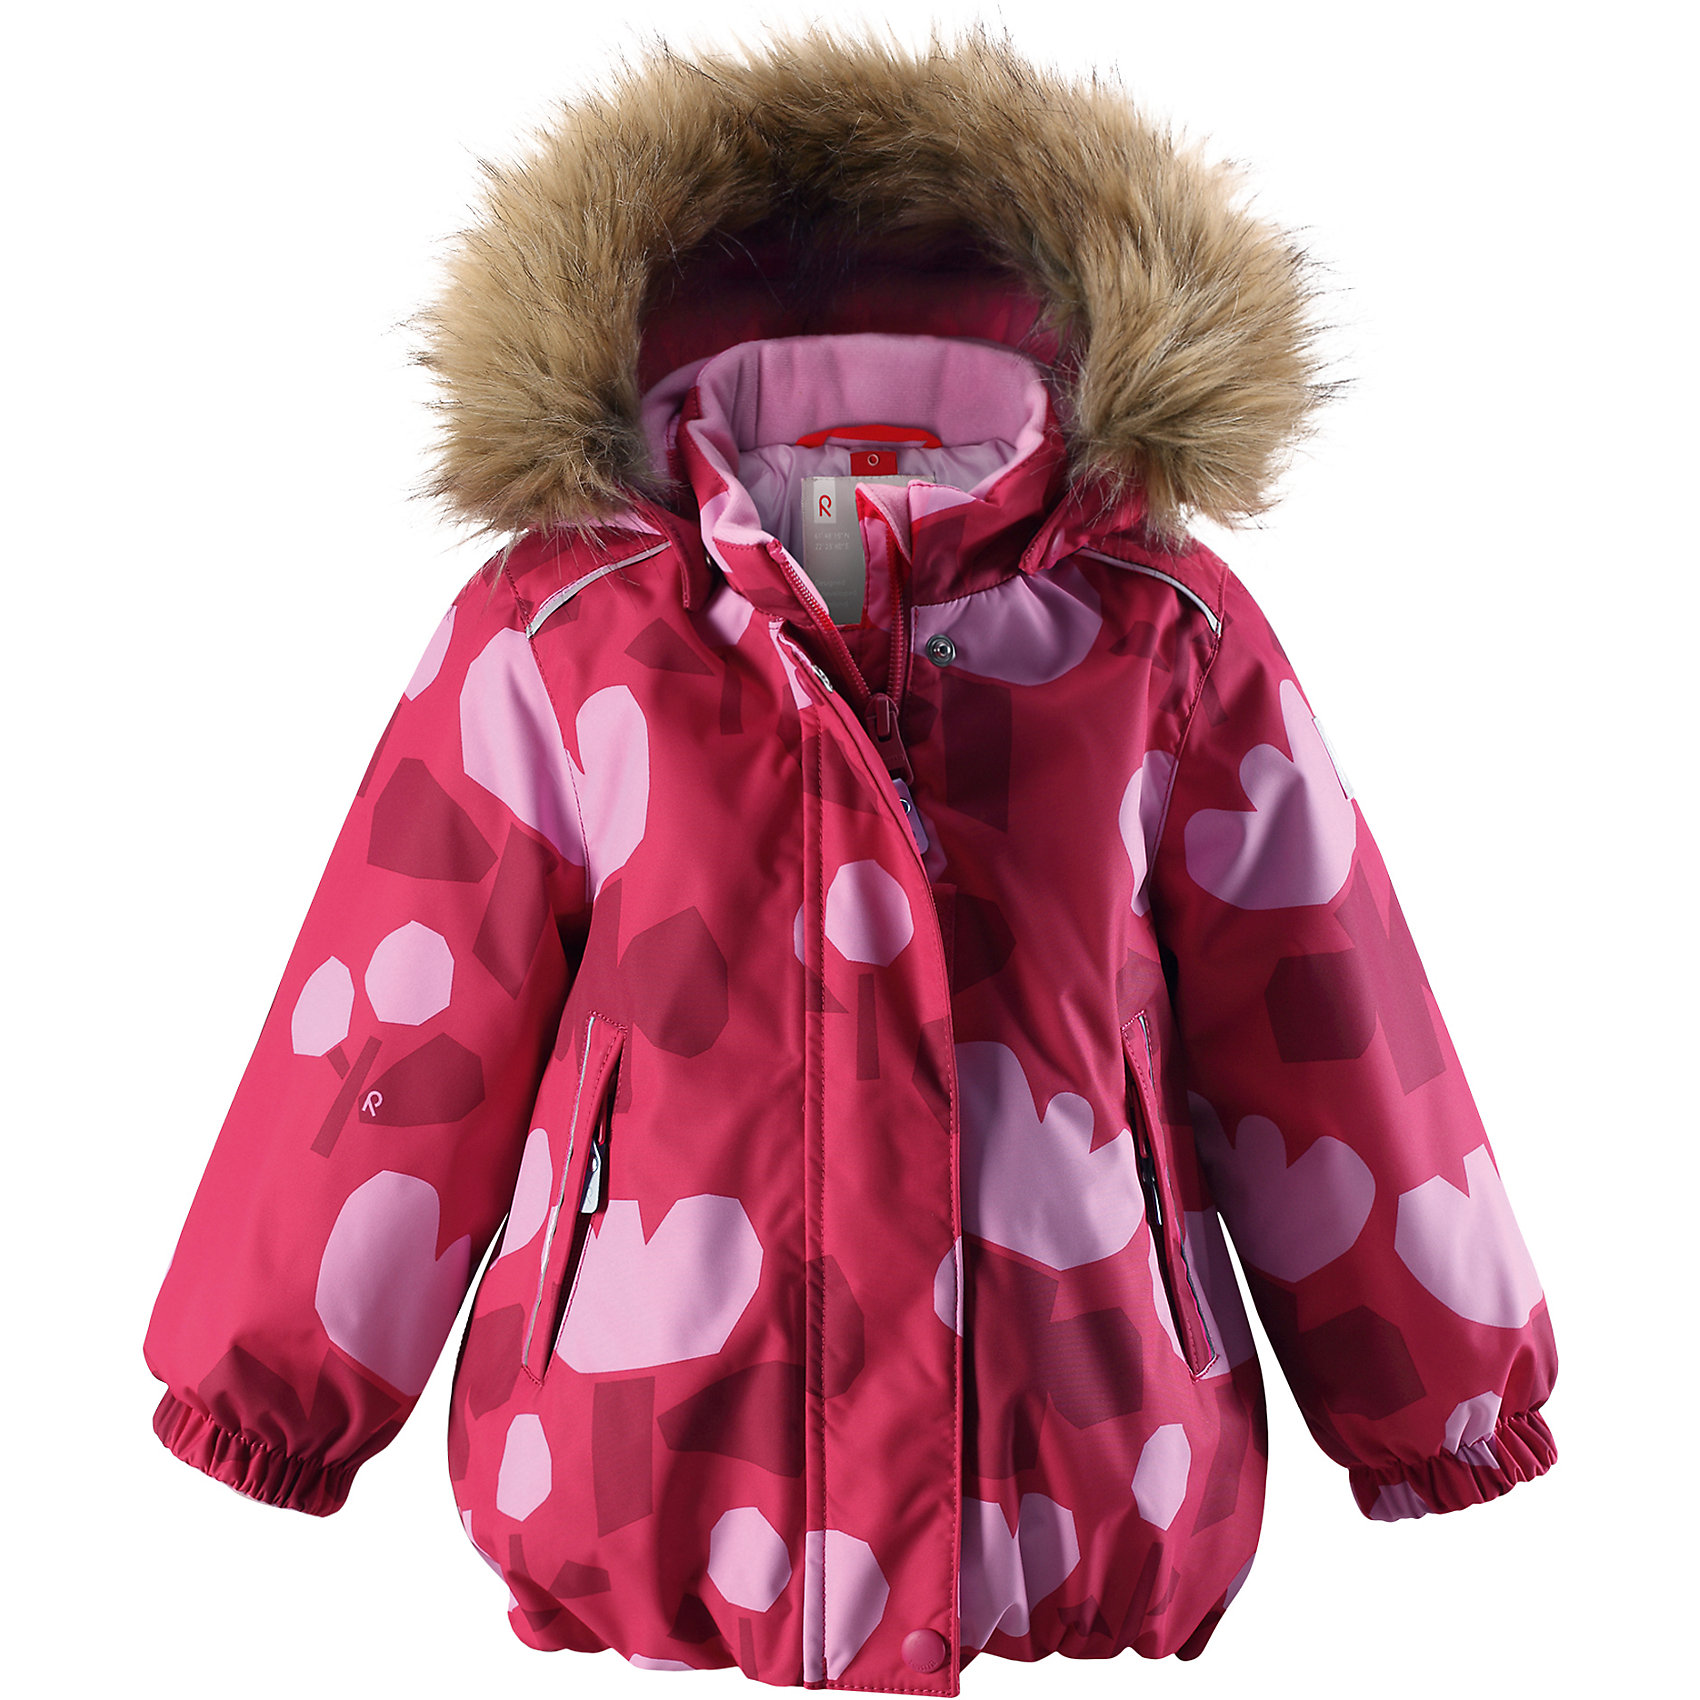 Куртка Pihlaja Reimatec® Reima для мальчикаВерхняя одежда<br>Отличная зимняя куртка для малышей! Все швы проклеены и водонепроницаемы, а сама она изготовлена из водо- и ветронепроницаемого, грязеотталкивающего материала. Гладкая подкладка и длинная застежка на молнии облегчают надевание. Съемный капюшон защищает от ветра, к тому же он абсолютно безопасен – легко отстегнется, если вдруг за что-нибудь зацепится. Маленькие карманы на молнии надежно сохранят все сокровища. Обратите внимание: куртку можно сушить в сушильной машине.<br>Состав:<br>100% Полиэстер<br><br>Ширина мм: 356<br>Глубина мм: 10<br>Высота мм: 245<br>Вес г: 519<br>Цвет: розовый<br>Возраст от месяцев: 24<br>Возраст до месяцев: 36<br>Пол: Мужской<br>Возраст: Детский<br>Размер: 98,80,86,92<br>SKU: 6968472